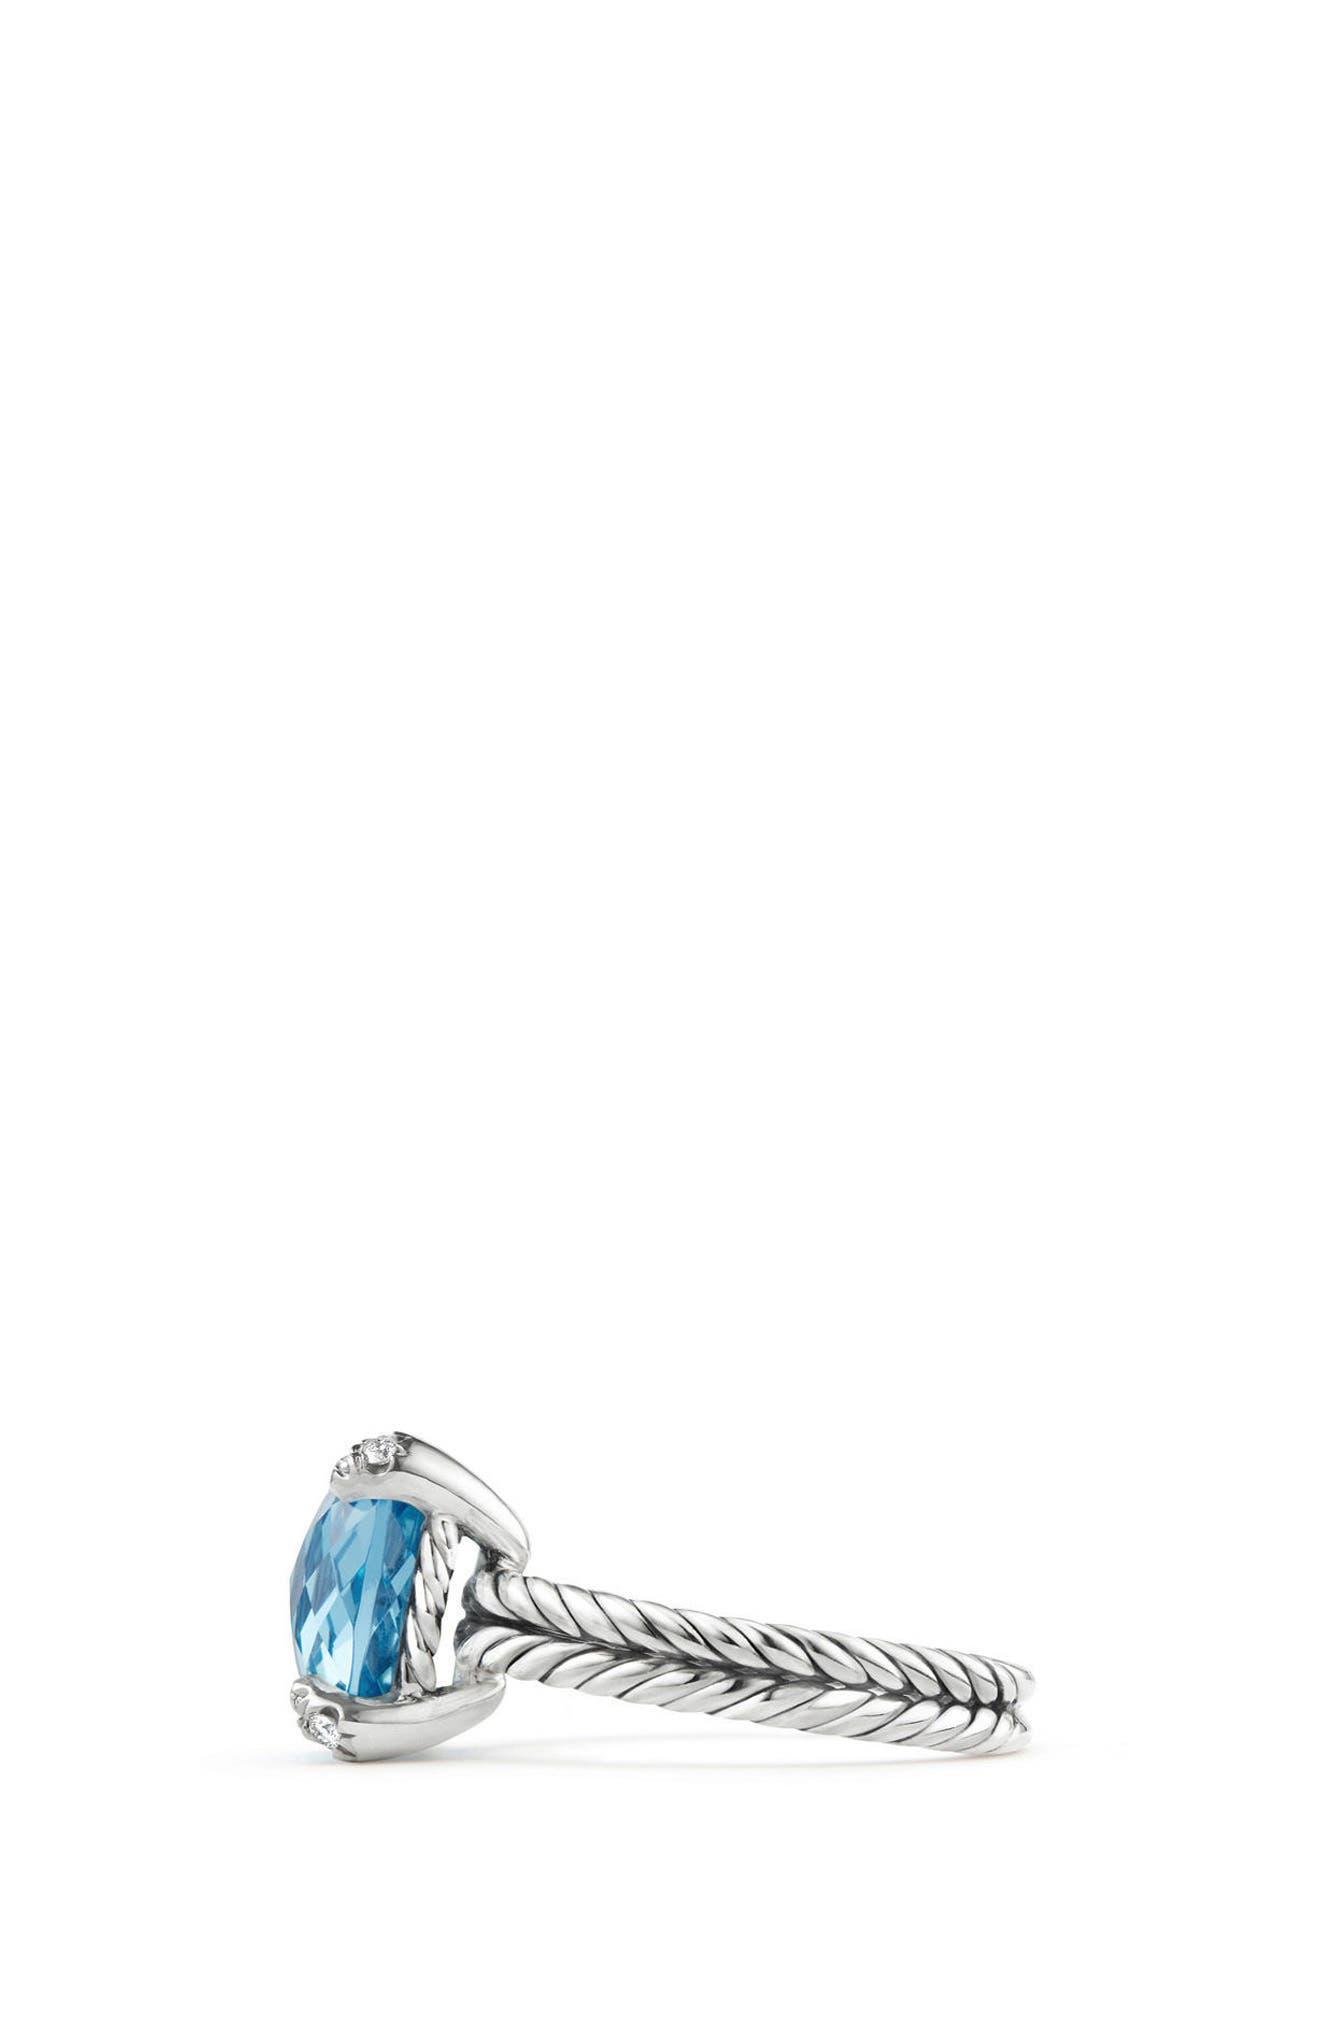 Alternate Image 2  - David Yurman Châtelaine Ring with Semiprecious Stone & Diamonds